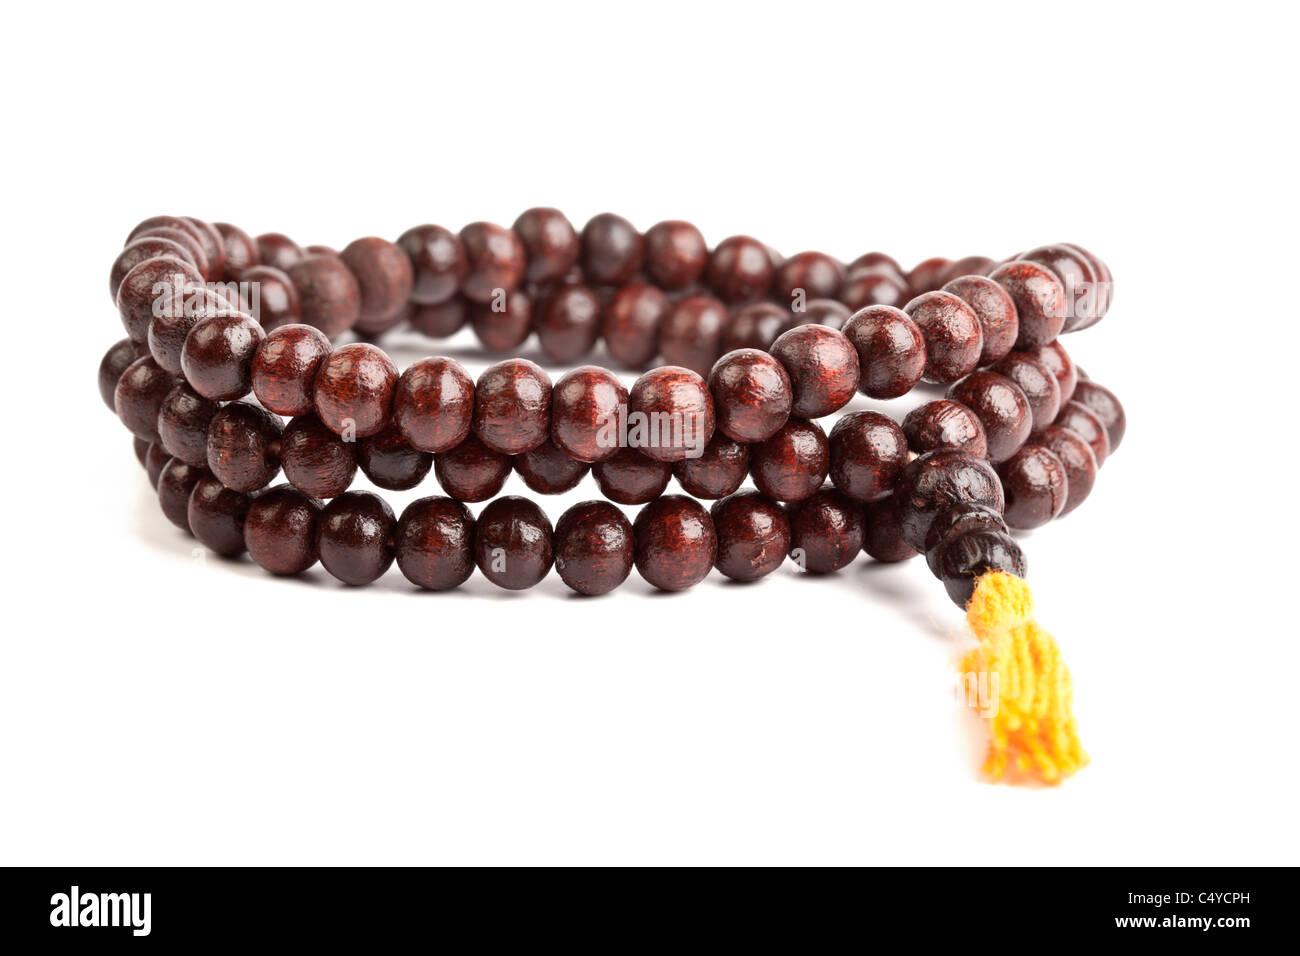 Japa Mala - Buddhist or Hindu prayer beads isolated on white - Stock Image